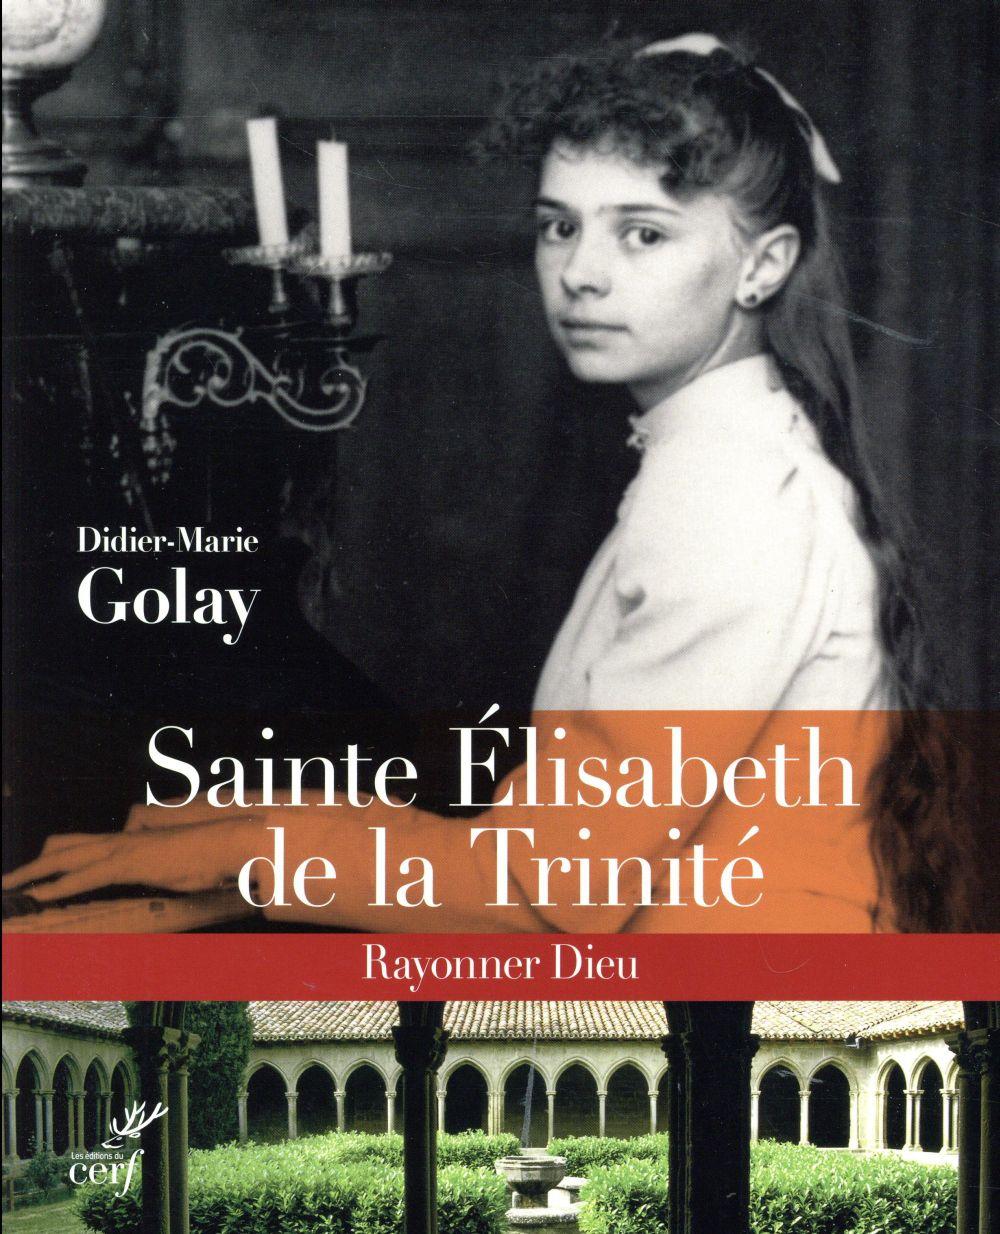 SAINTE ELISABETH DE LA TRINITE